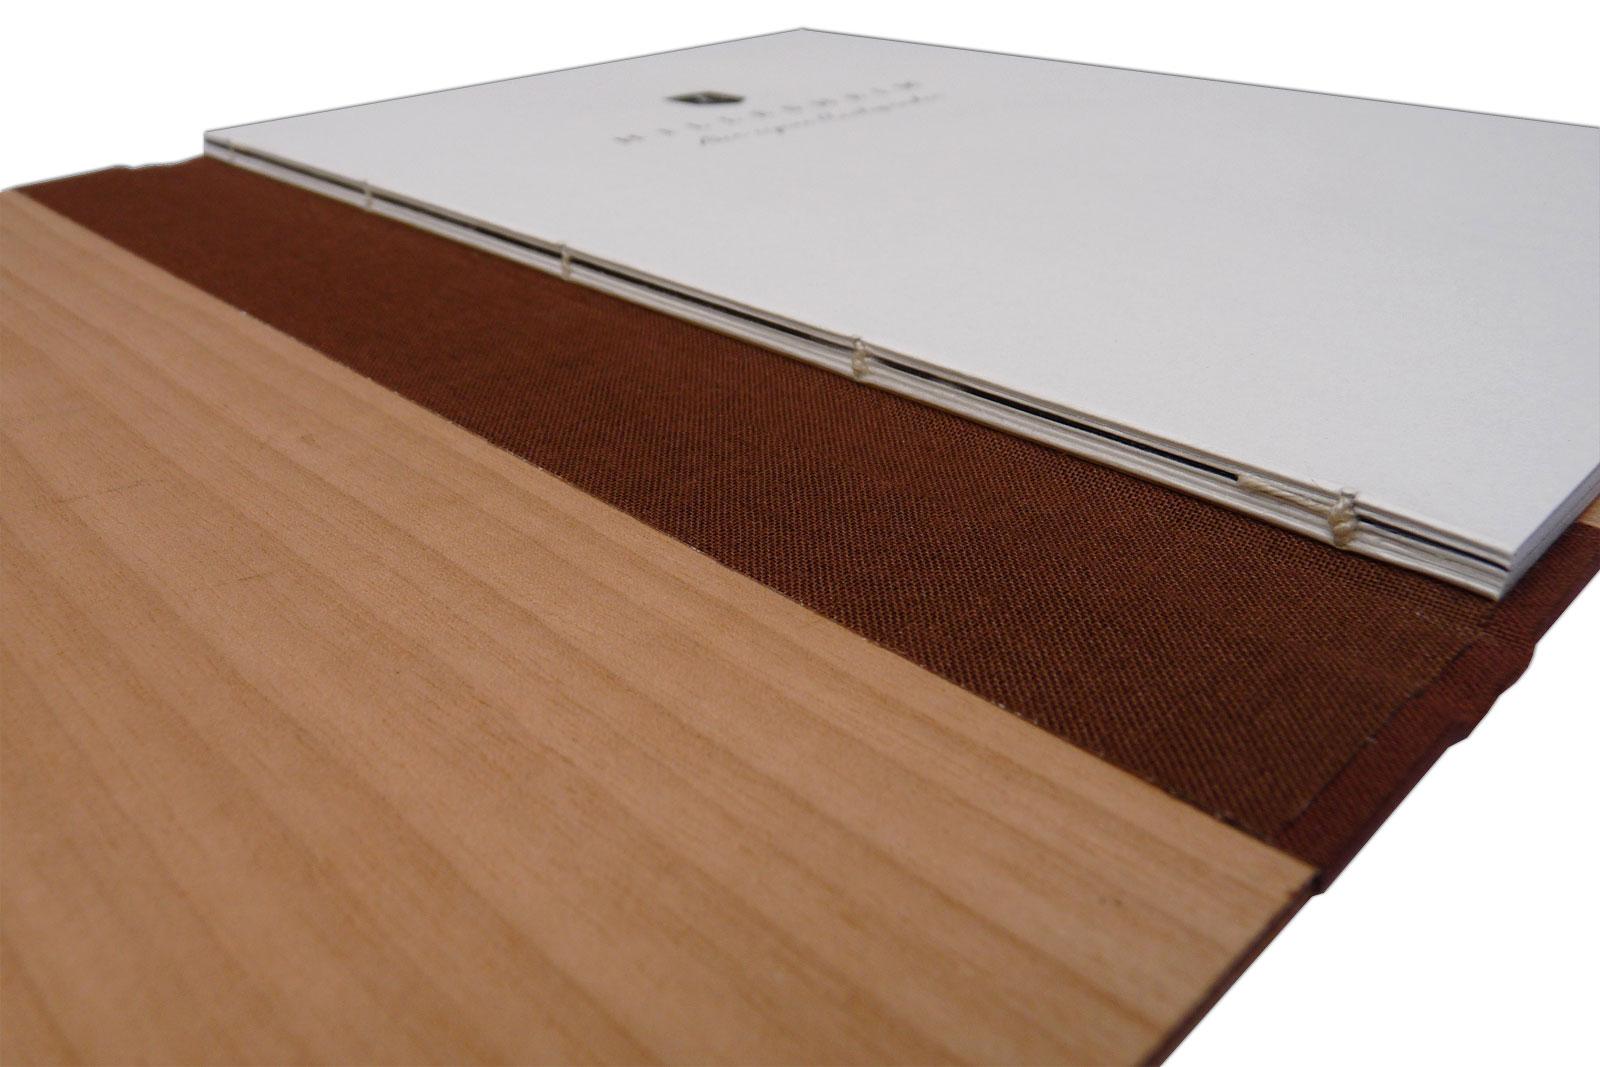 Buch mit Holzdeckeln